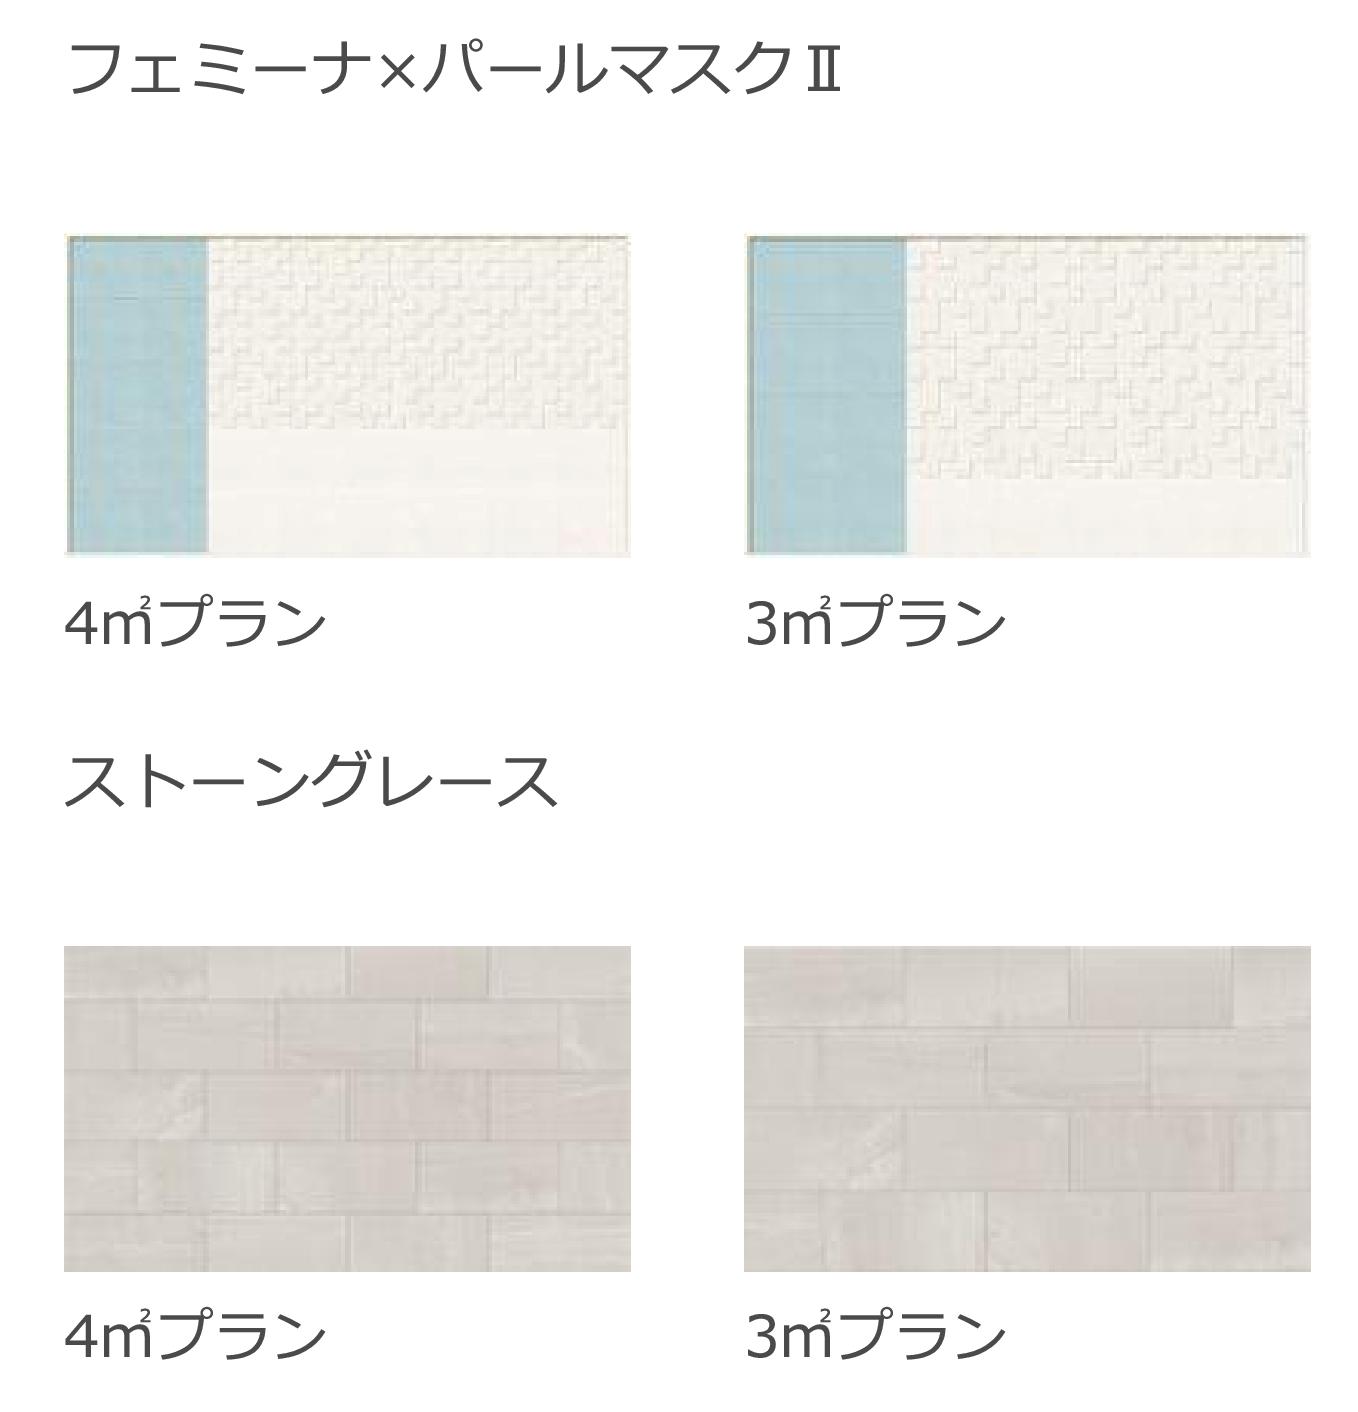 LIXIL _ タイル建材 _ アレルピュア-デザインパッケージ